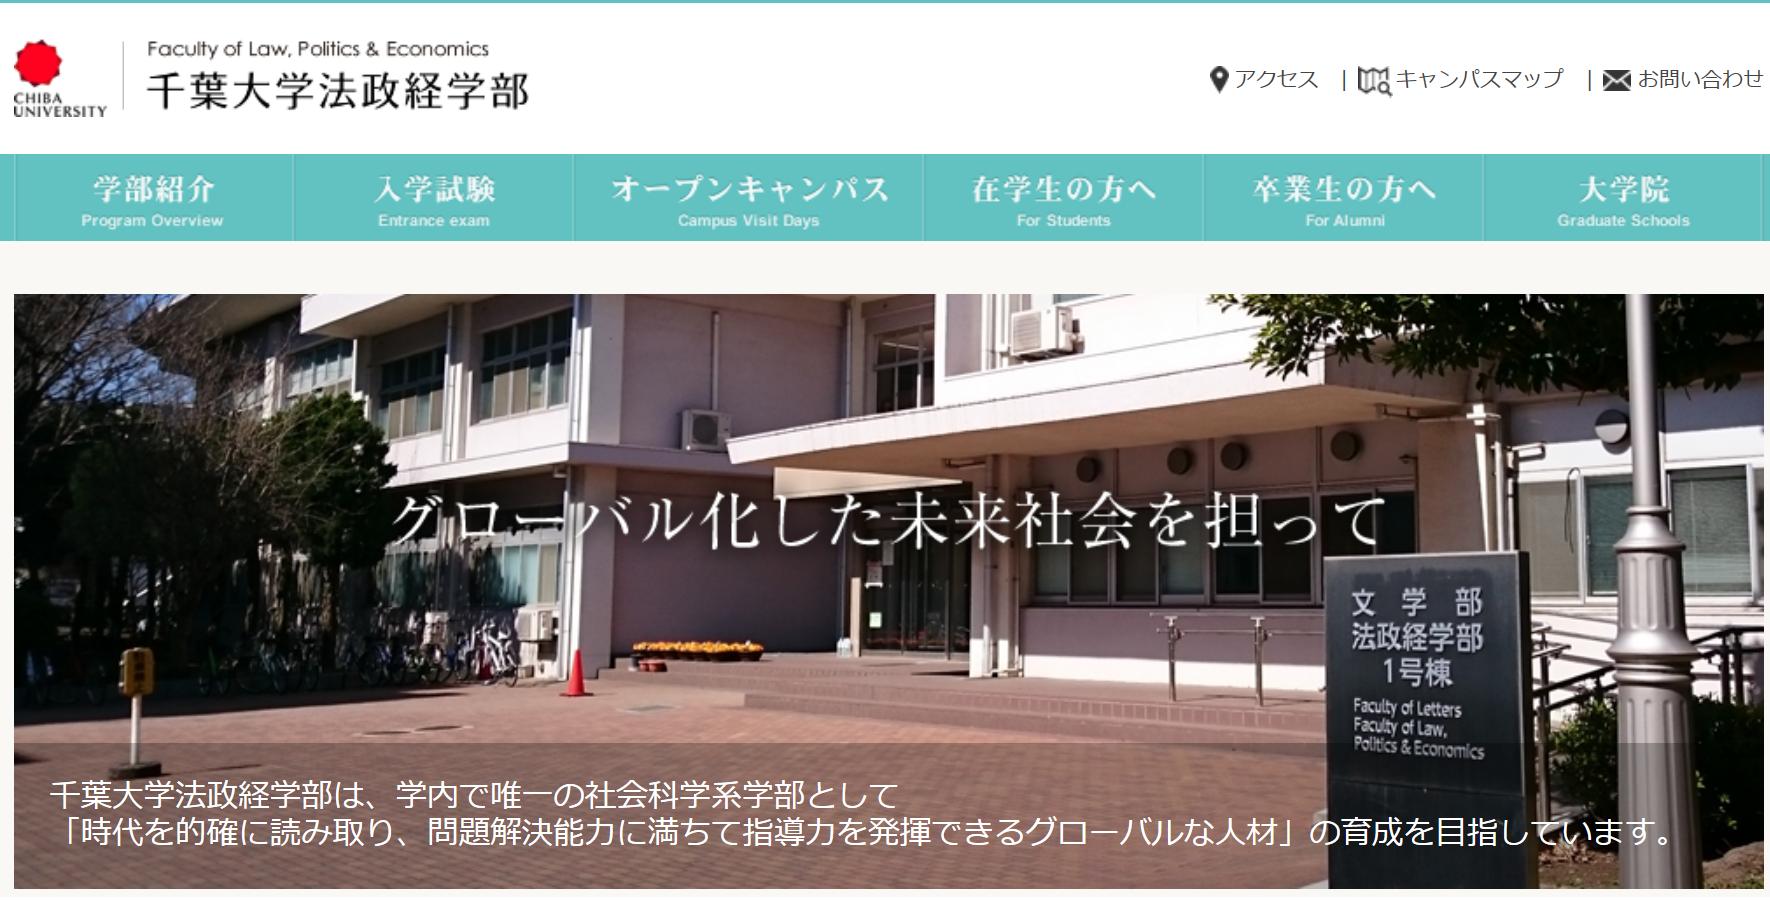 千葉大学の評判・口コミ【法政経学部編】